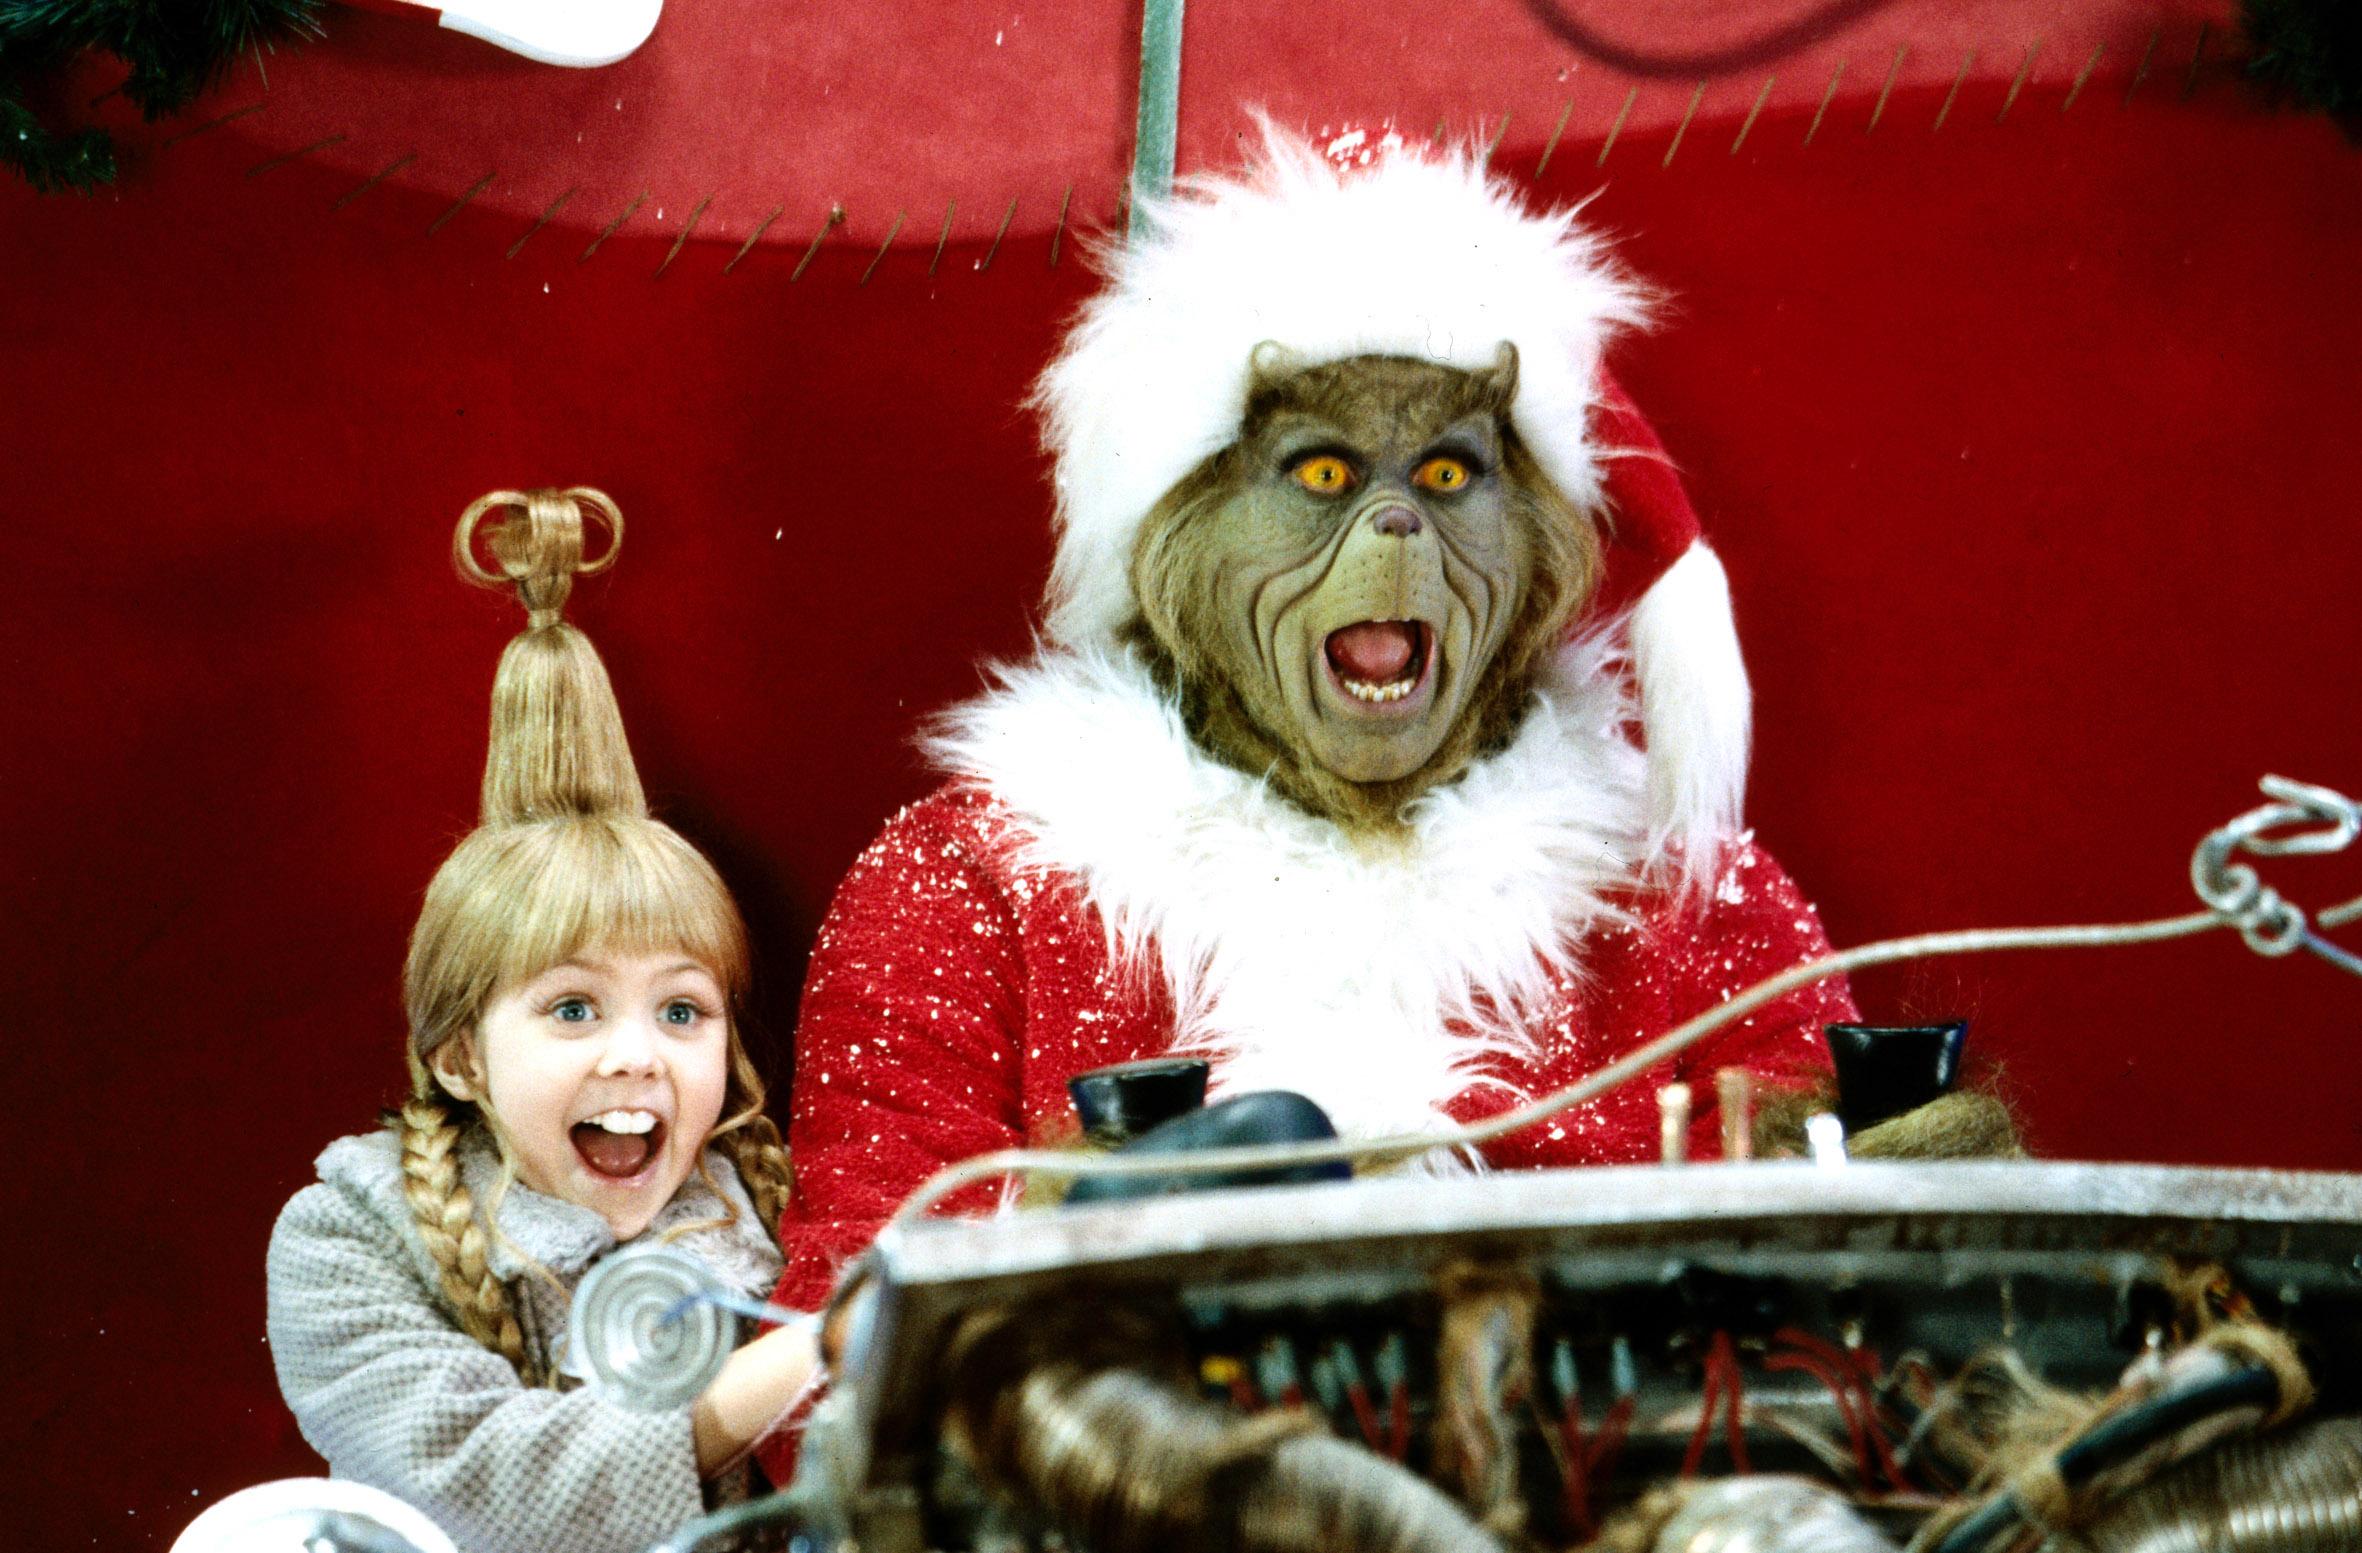 Wie Der Grinch Weihnachten Gestohlen Hat ‒ Und Was Das Mit bestimmt für Wie Der Grinch Weihnachten Gestohlen Hat